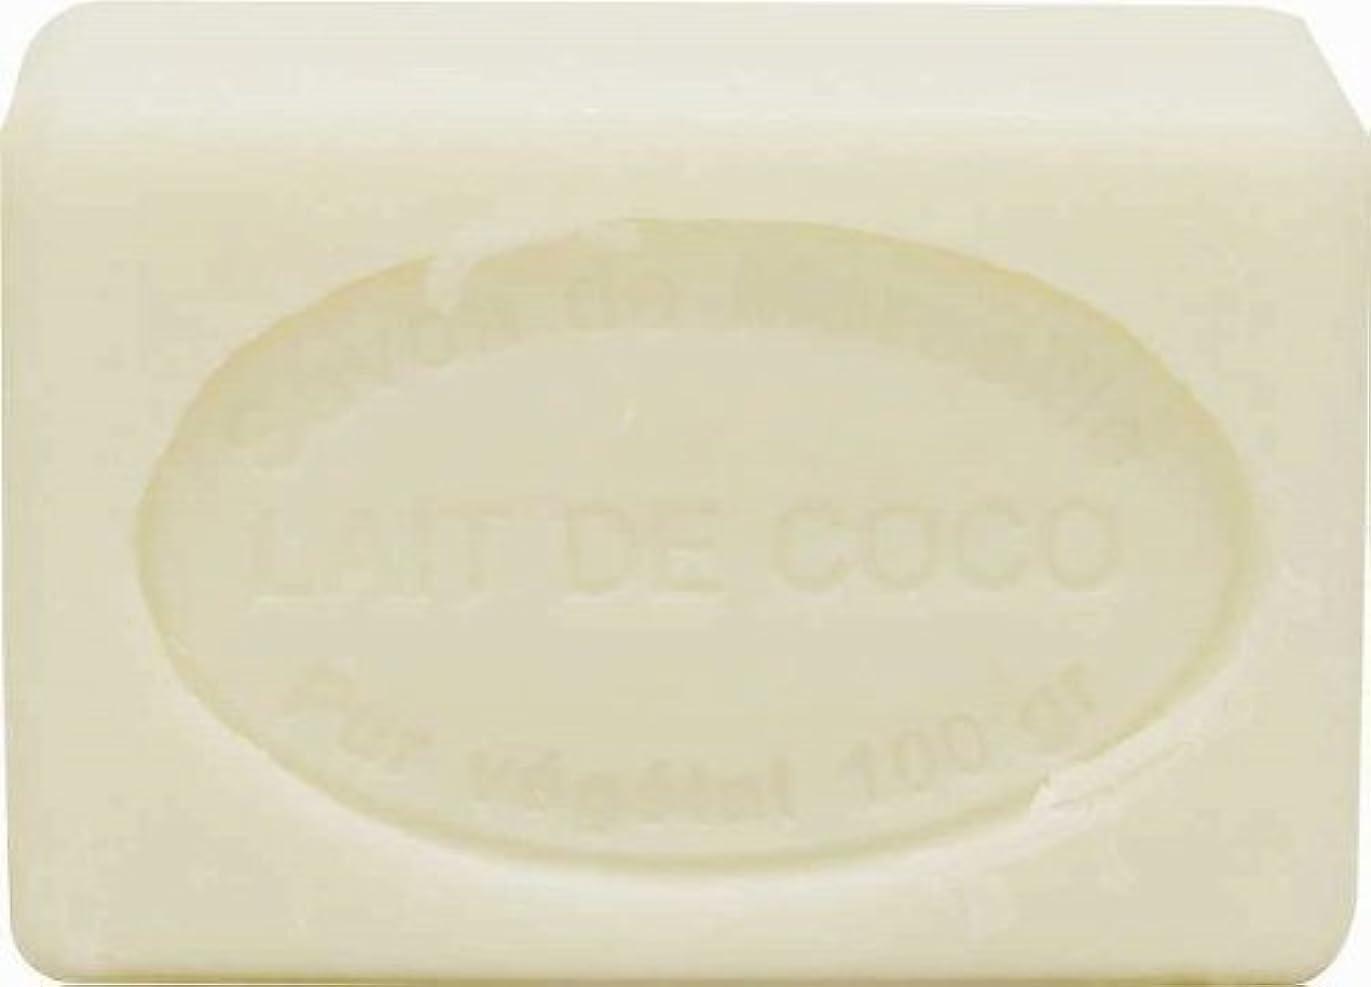 秘密のポンド失速ル?シャトゥラール ソープ 100g ココナッツミルク SAVON 100